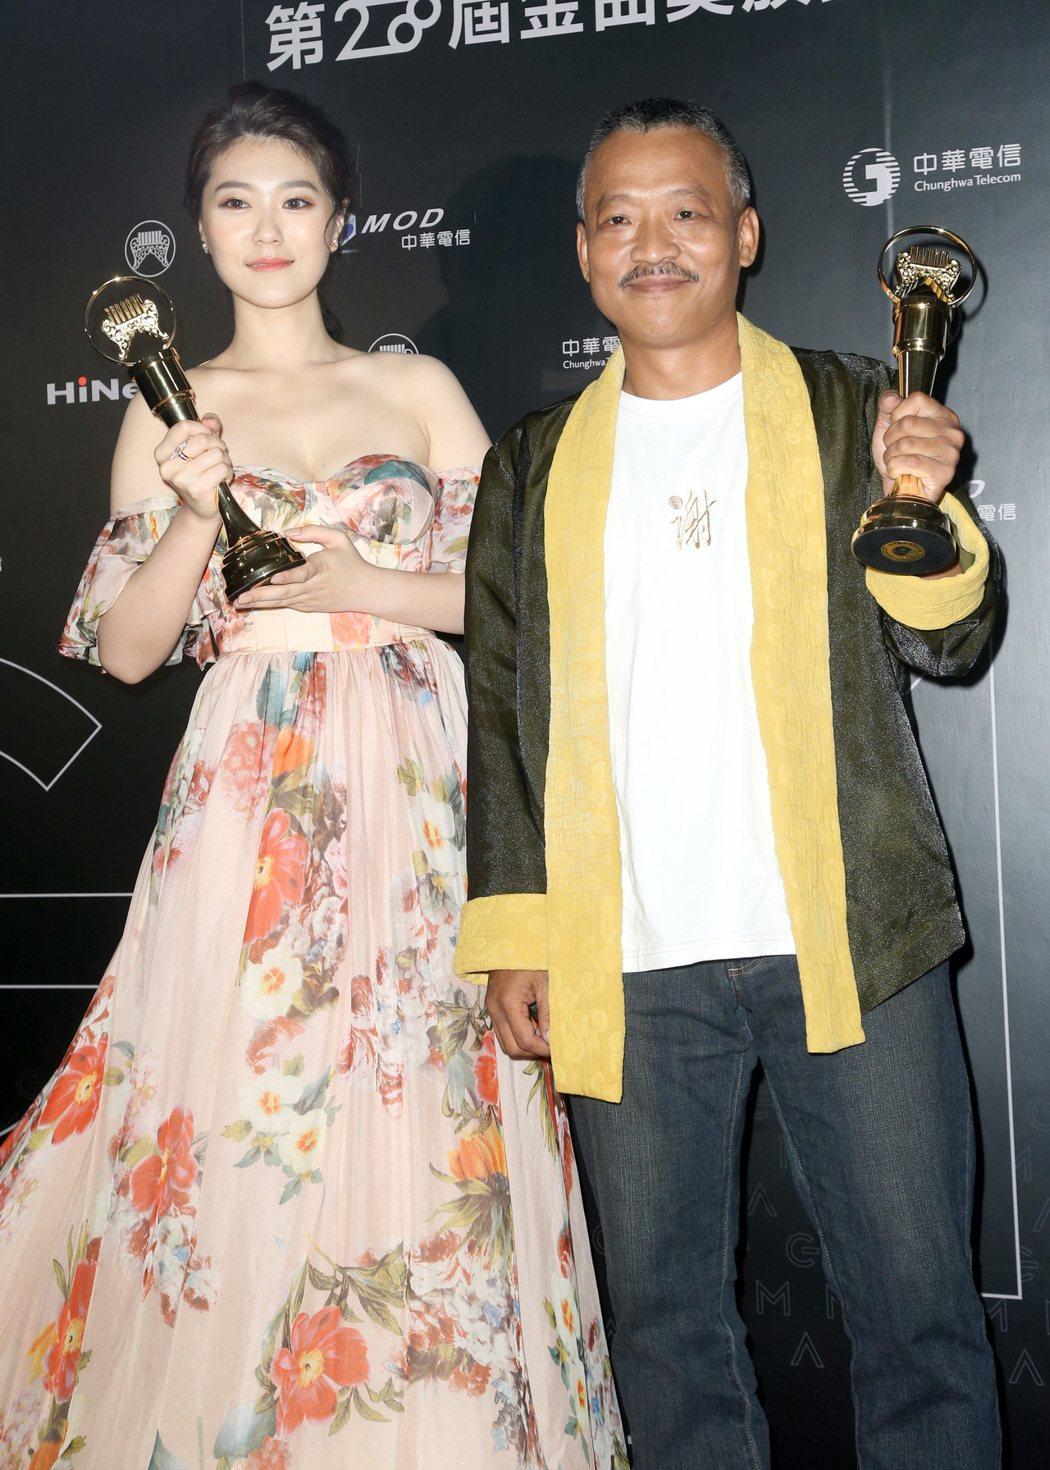 謝銘祐(右)與曹雅雯(左)分別獲得最佳台語男、女歌手獎。記者黃威彬/攝影